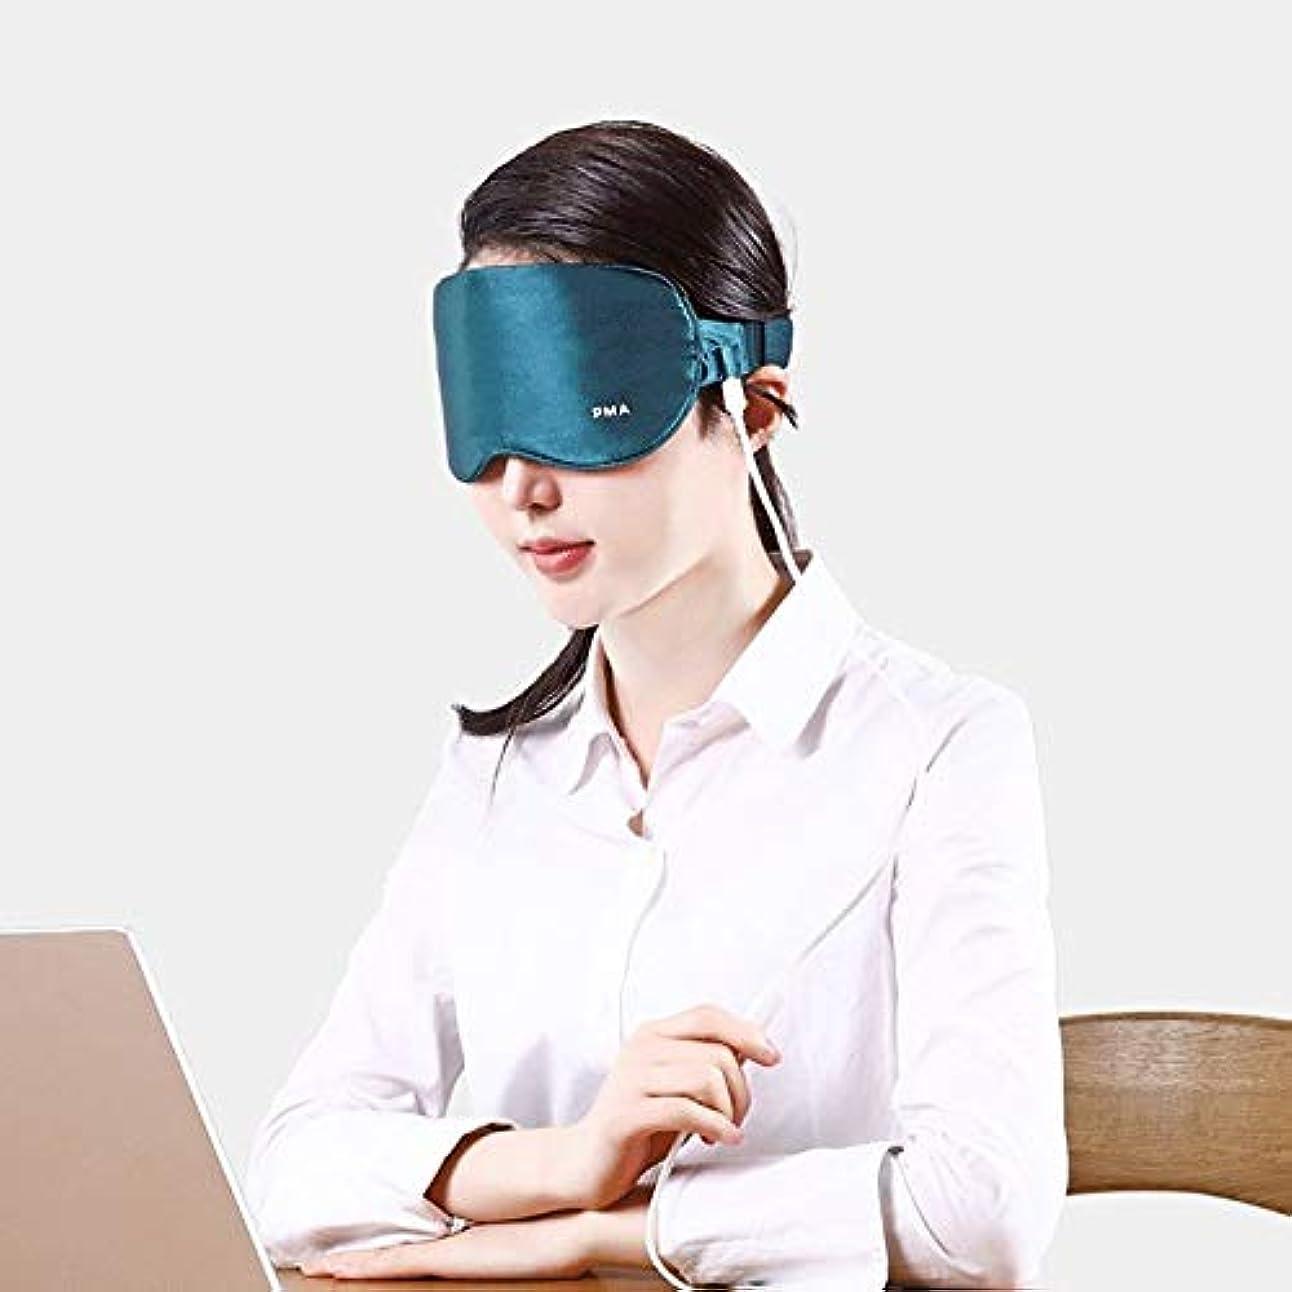 偽造政治的カブNOTE グスタラ睡眠アイマスク発熱シルク目隠し用アイケアツール睡眠マスク自動電源オフ調節可能な温度